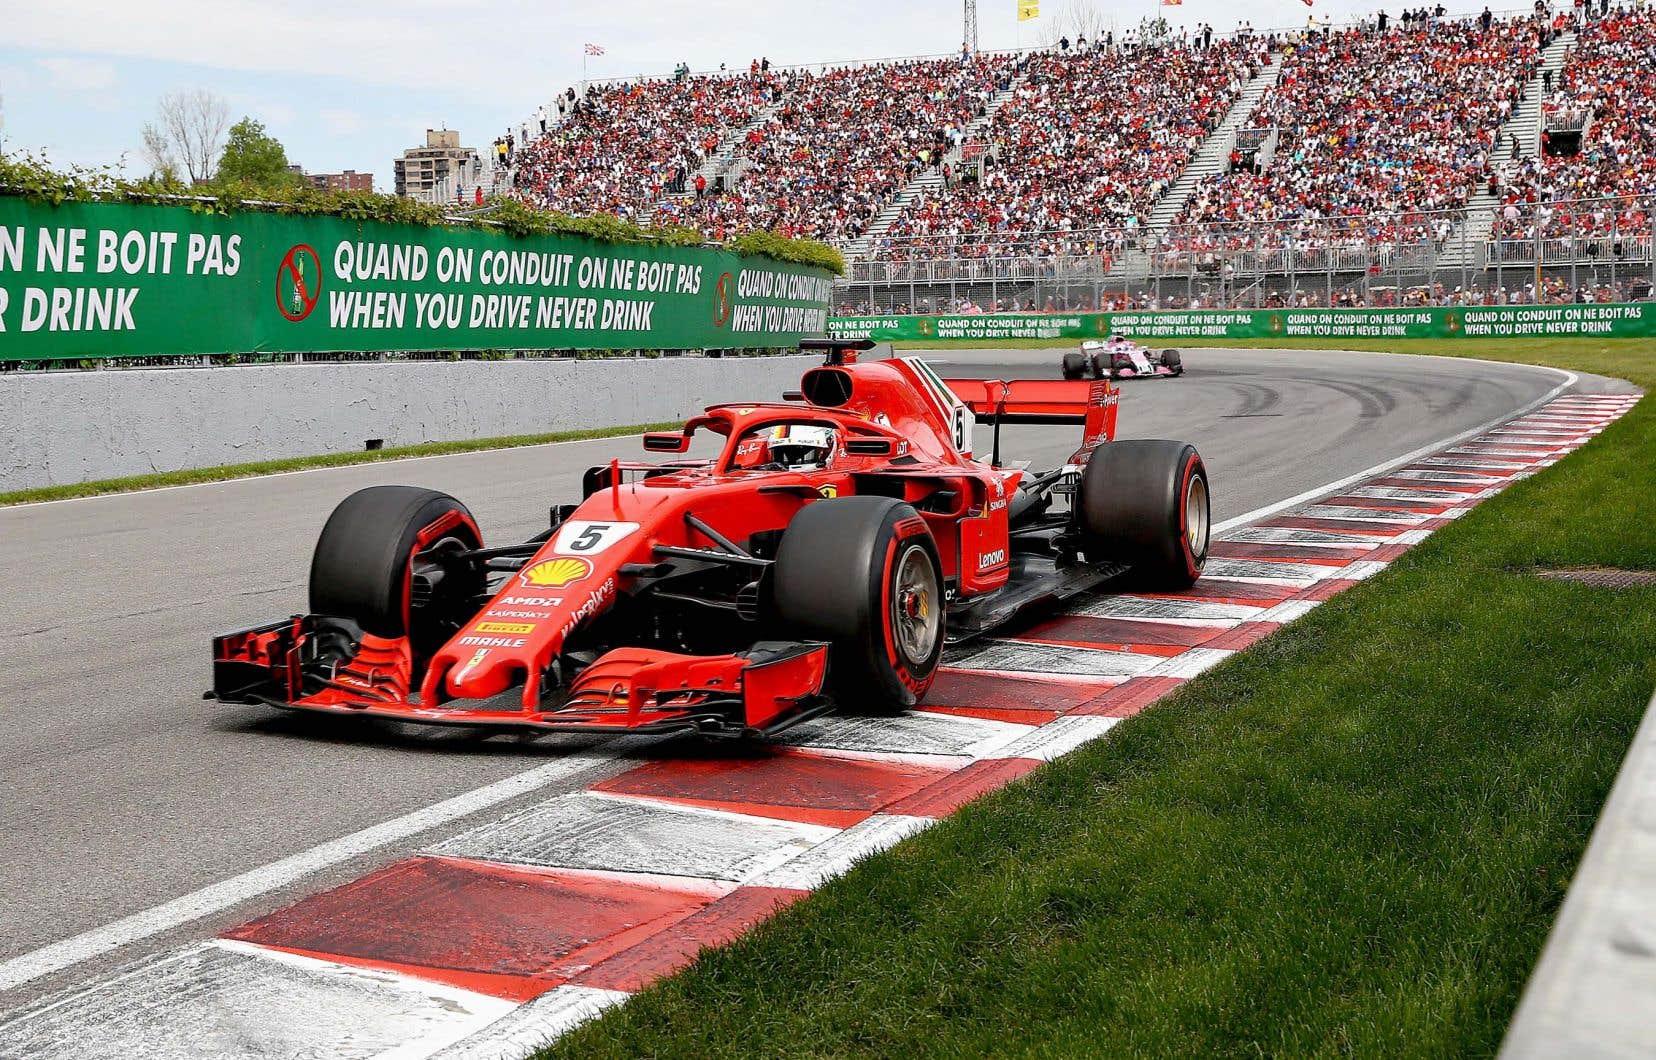 L'Allemand Sebastian Vettel a remporté le Grand Prix du Canada en 2018, au volant d'une Ferrari.